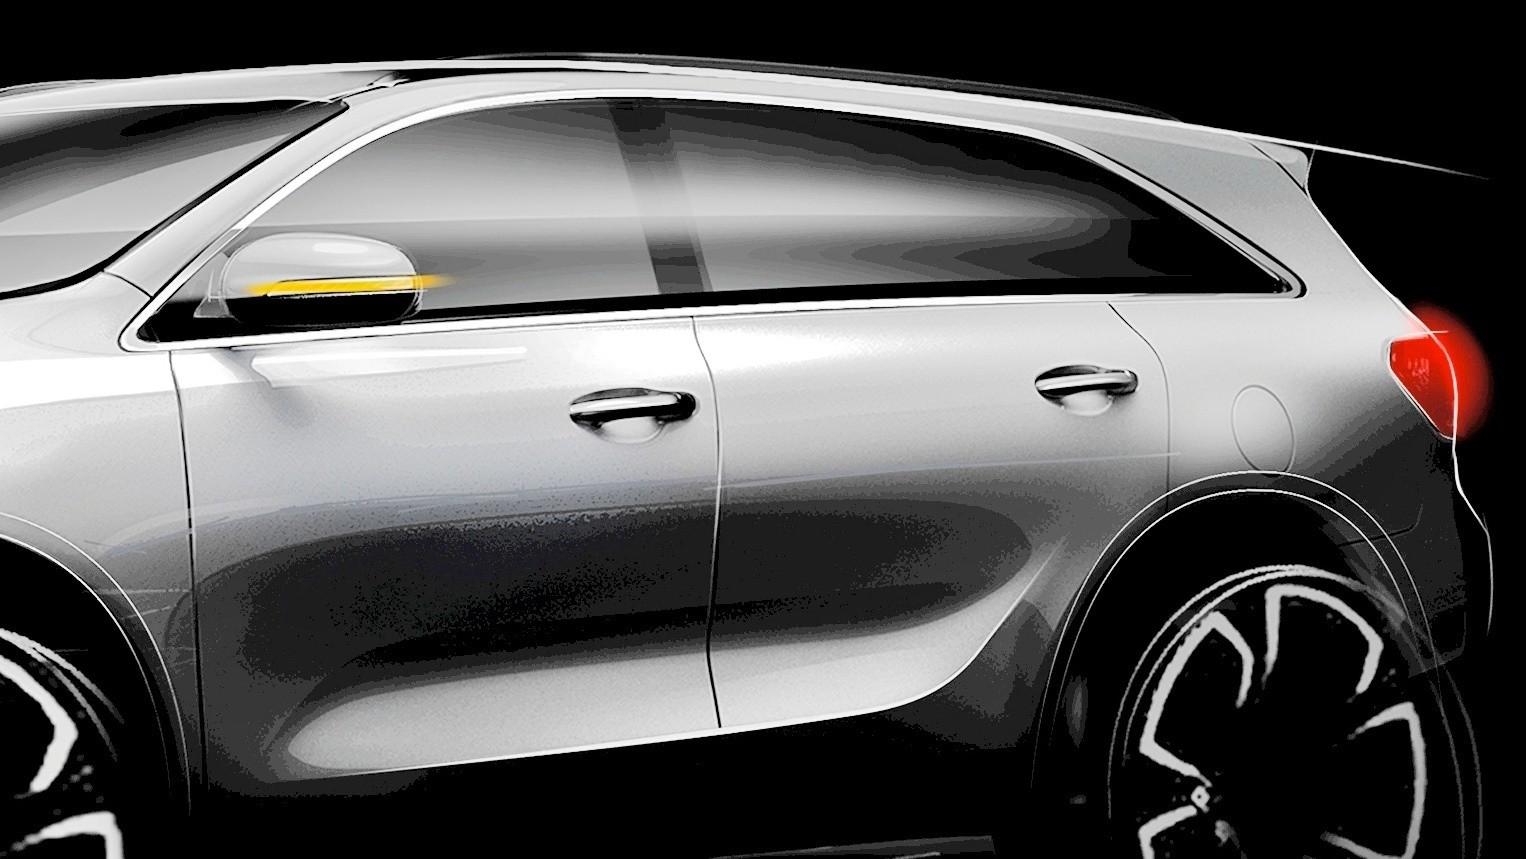 Kia-to-unveil-all-new-Sorento-at-the-2014-Paris-Motor-Show-572271-crop2